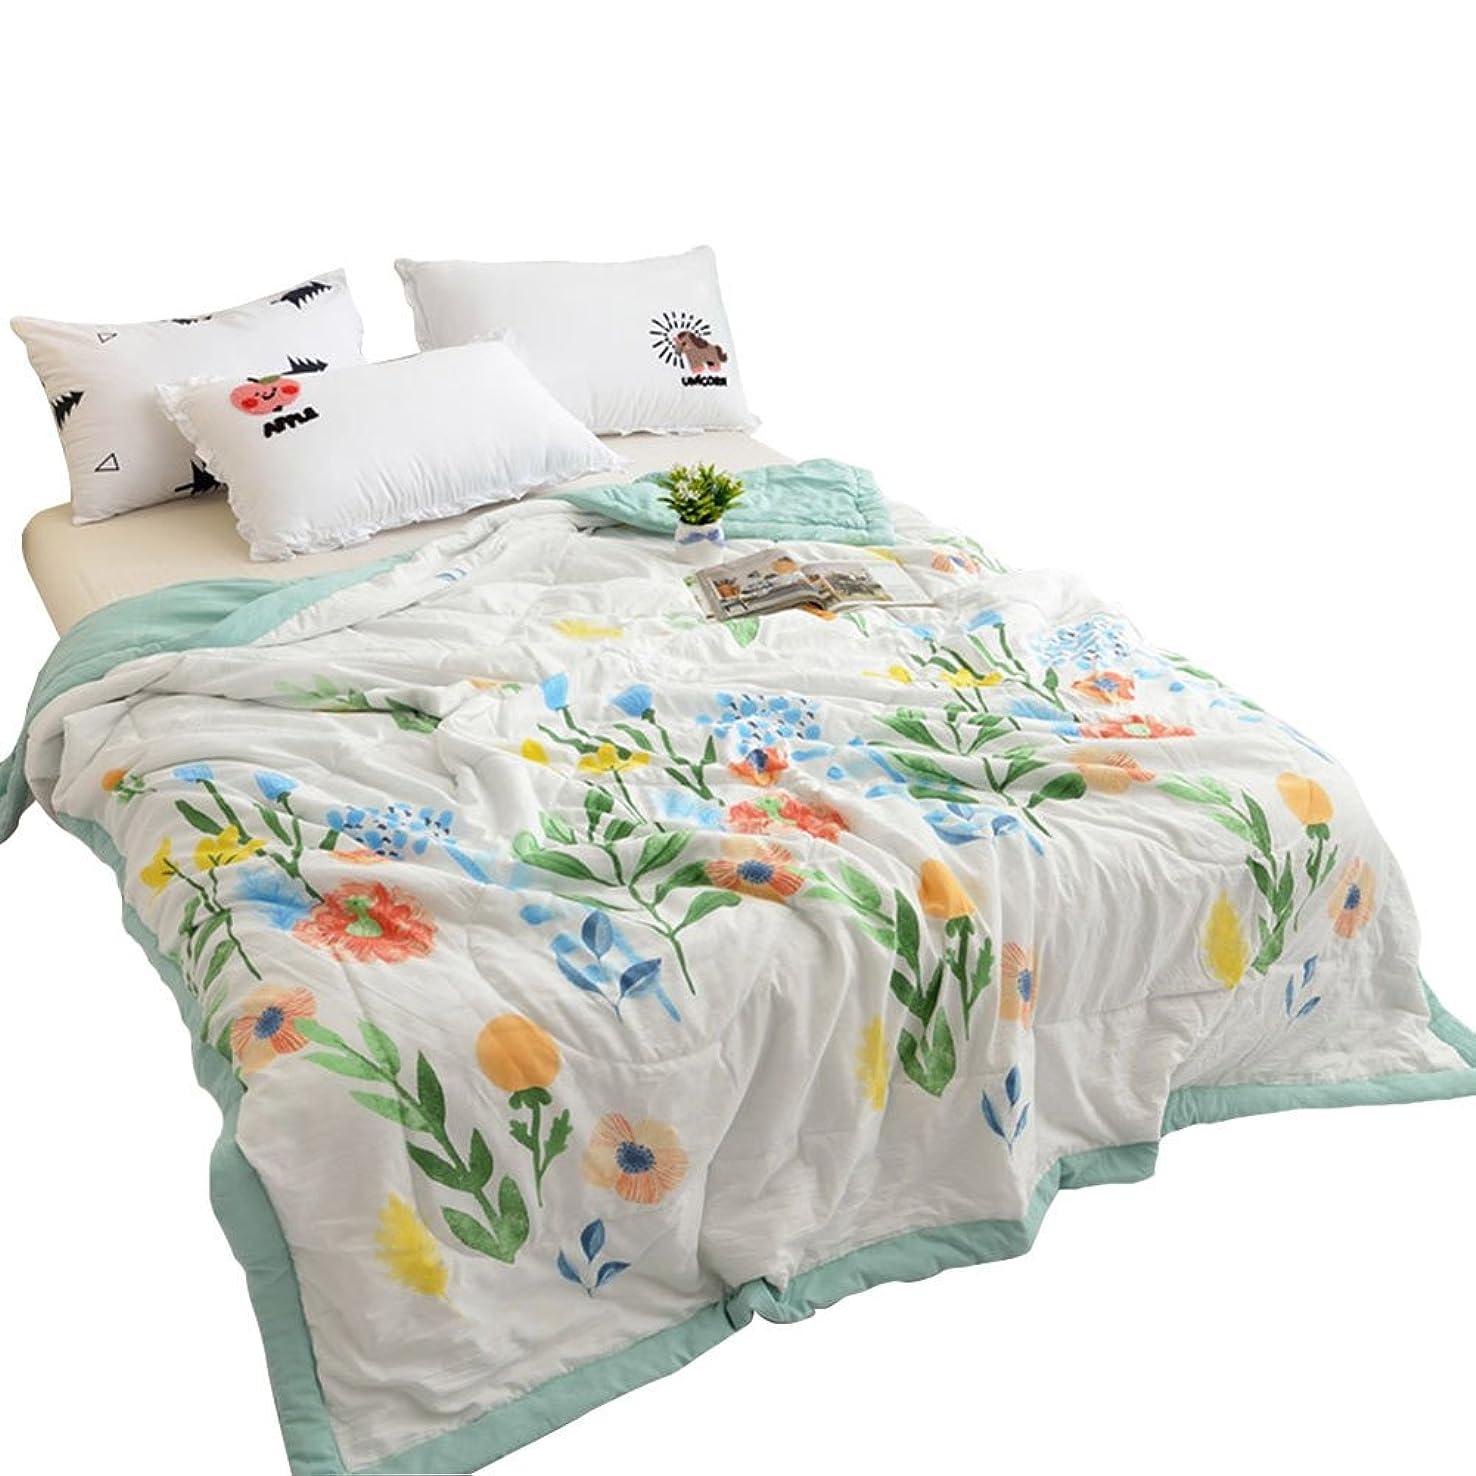 下向き温室十分な肌掛け布団 夏用 洗える シングル ダブル セミダブル 掛けふとん 吸湿性&通気性に優れ 薄手,180,水色